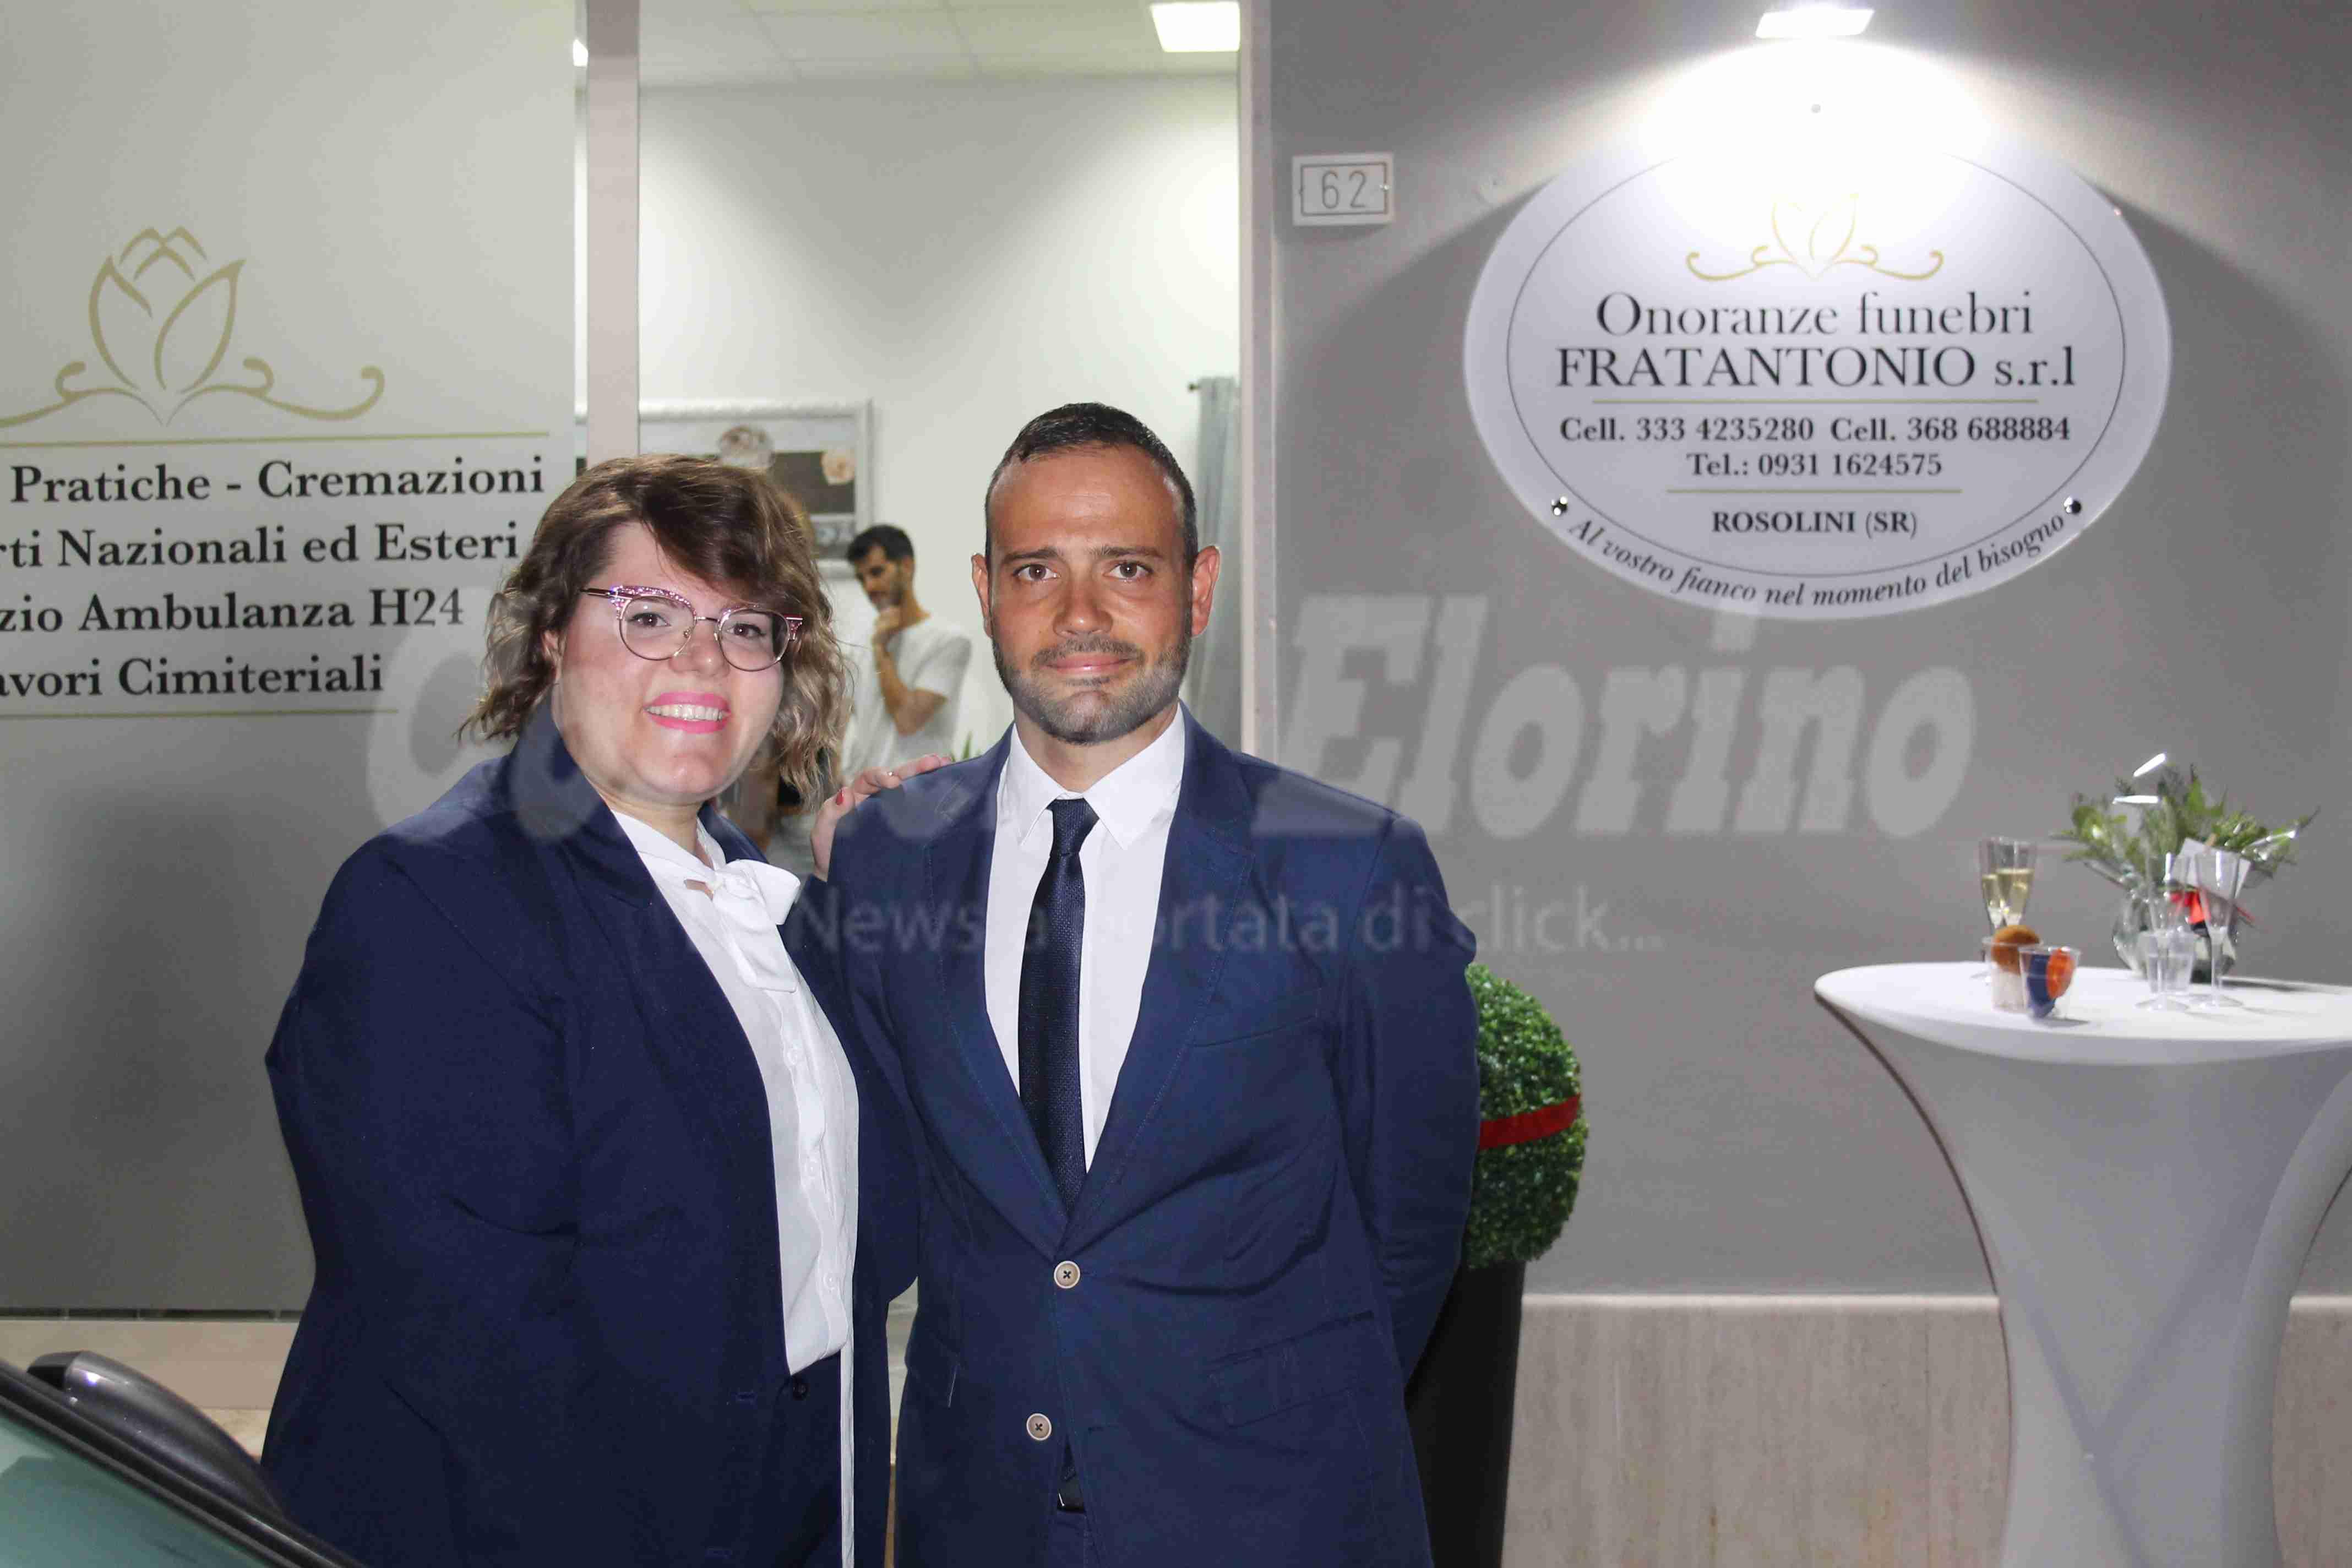 """In via Giulia apre l'agenzia di onoranze funebri """"Fratantonio"""", ad aprirla due giovani fratelli"""